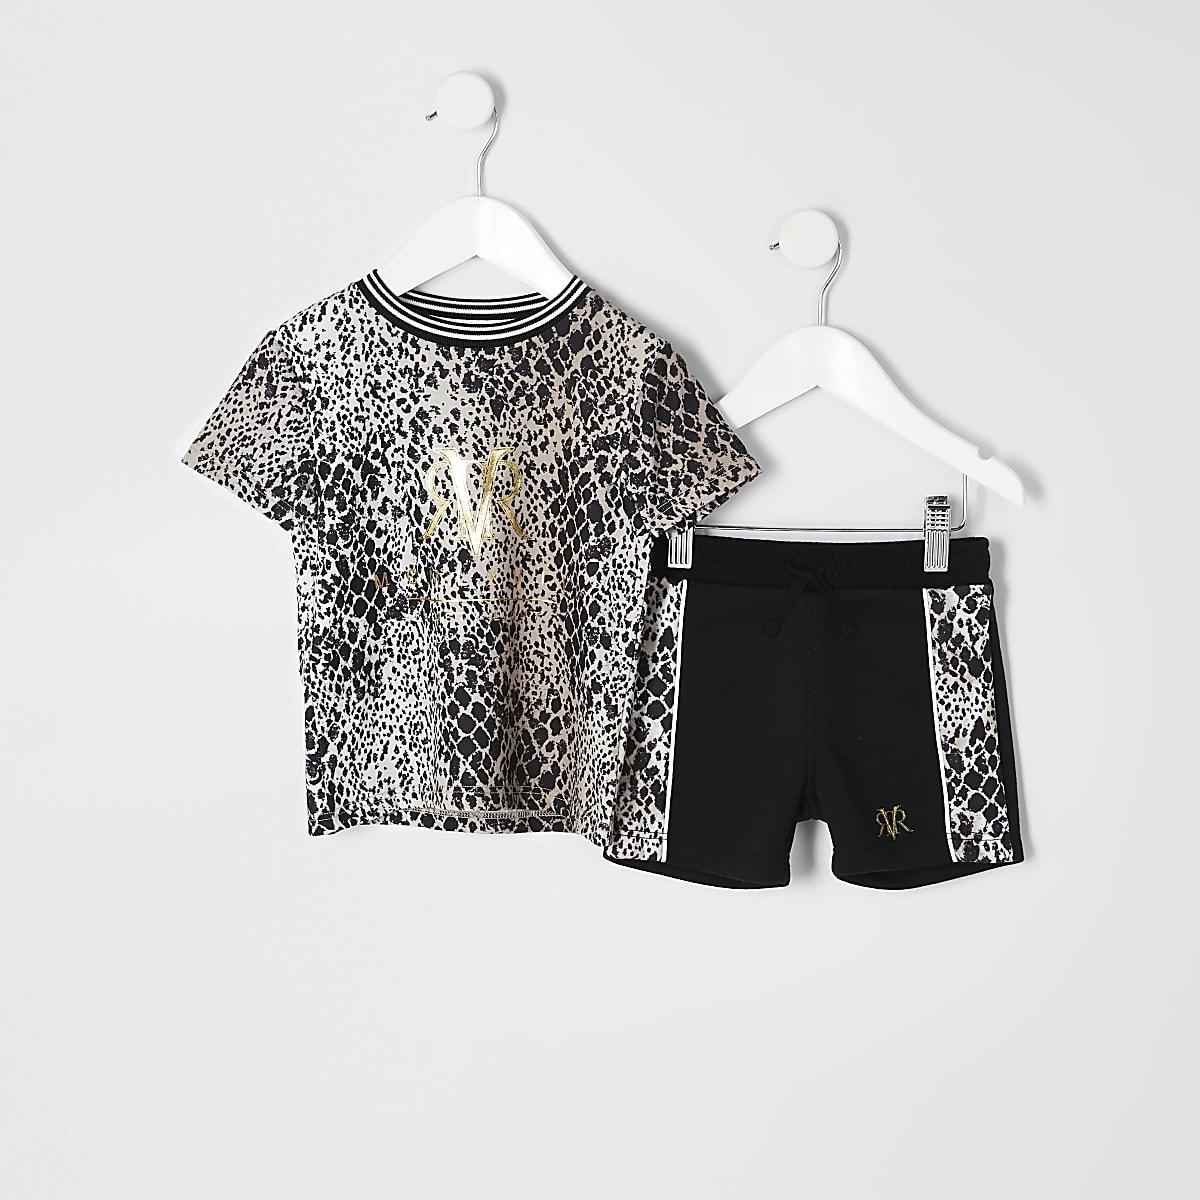 cf2365488e9 ... Mini - Outfit met bruin T-shirt met slangenprint voor jongens ...